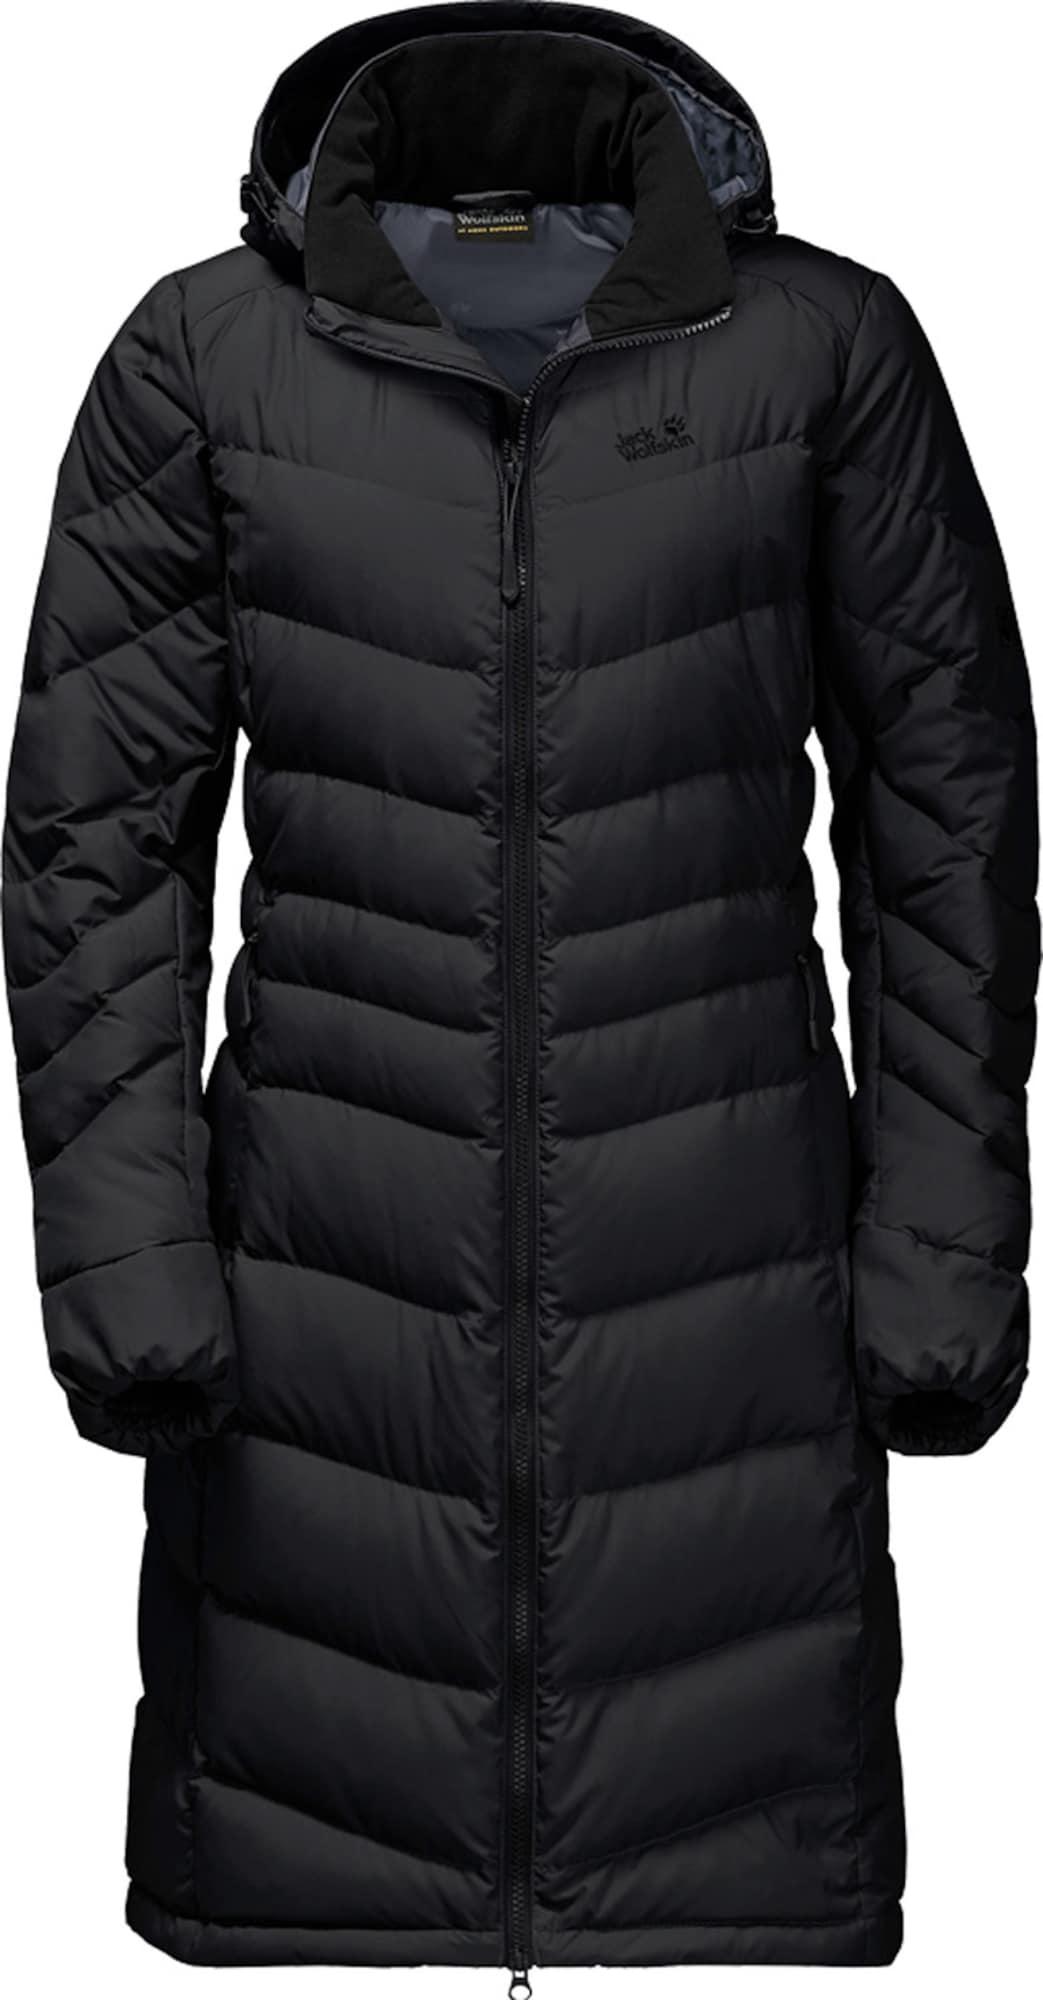 Outdoorová bunda Selenium černá JACK WOLFSKIN